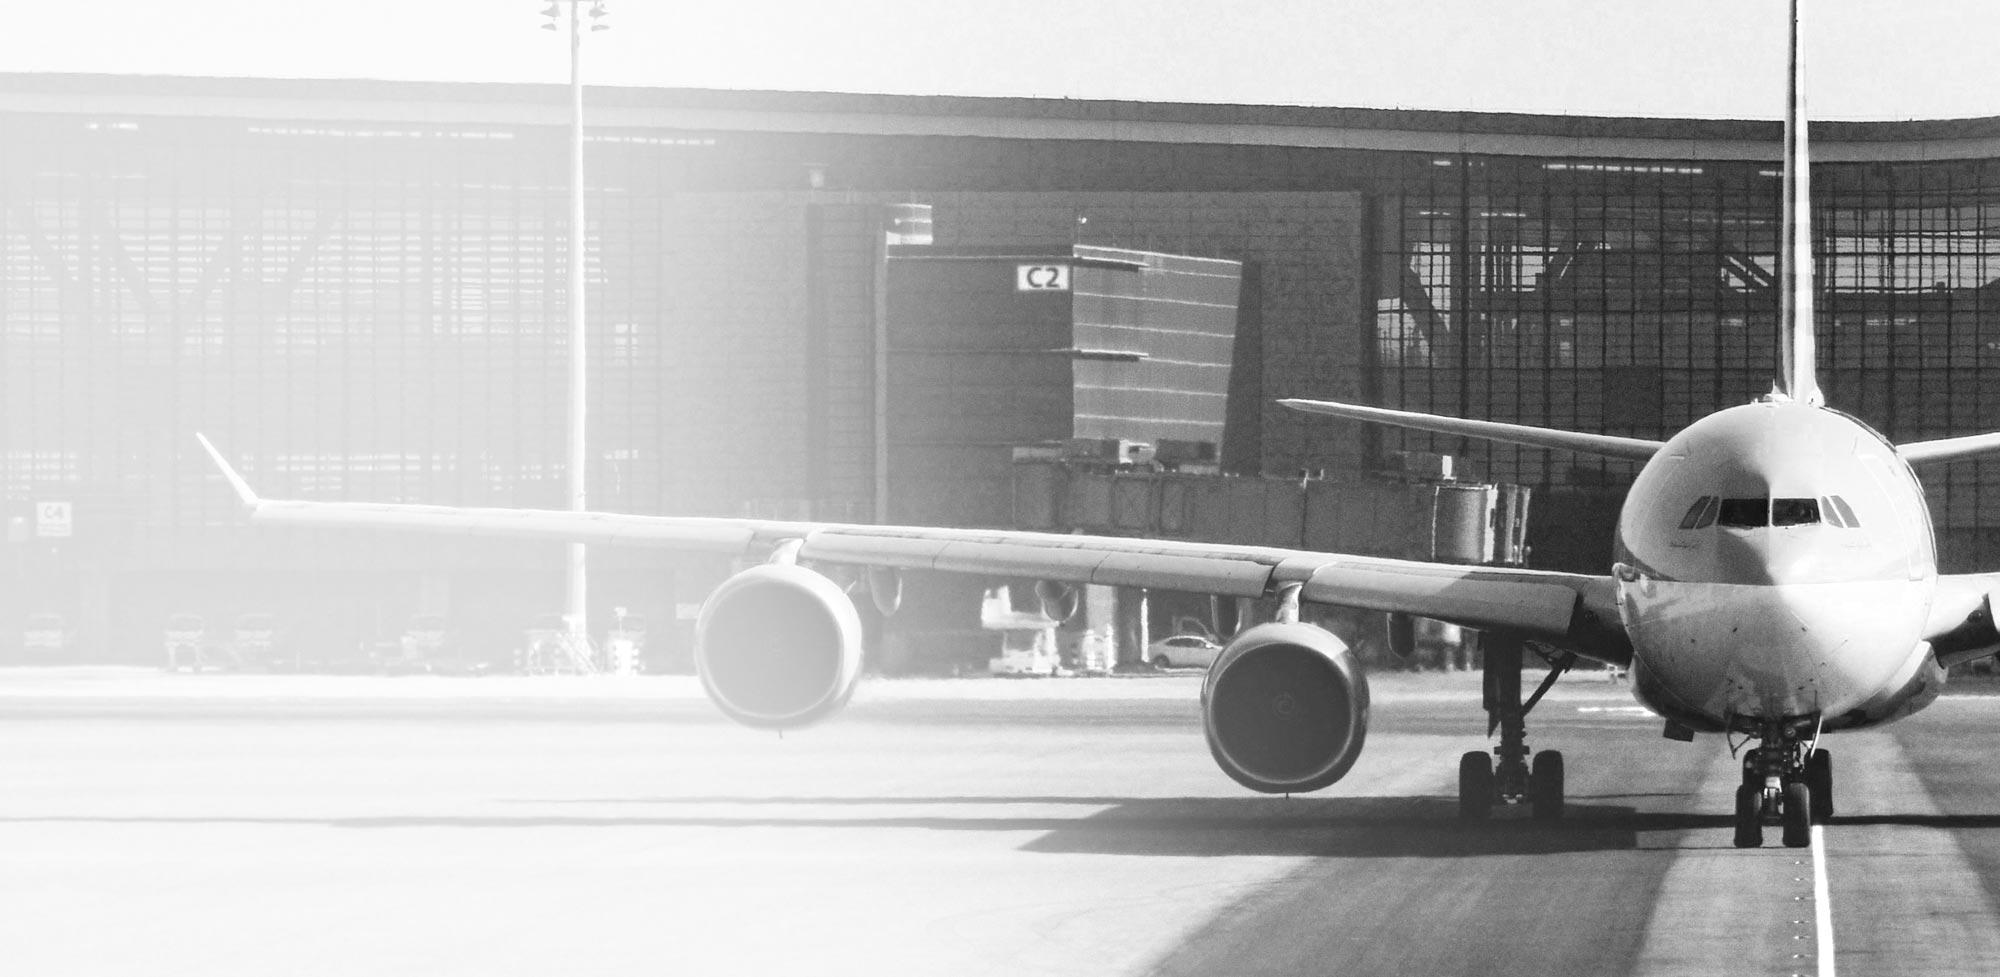 FAA Rules & Regulations -